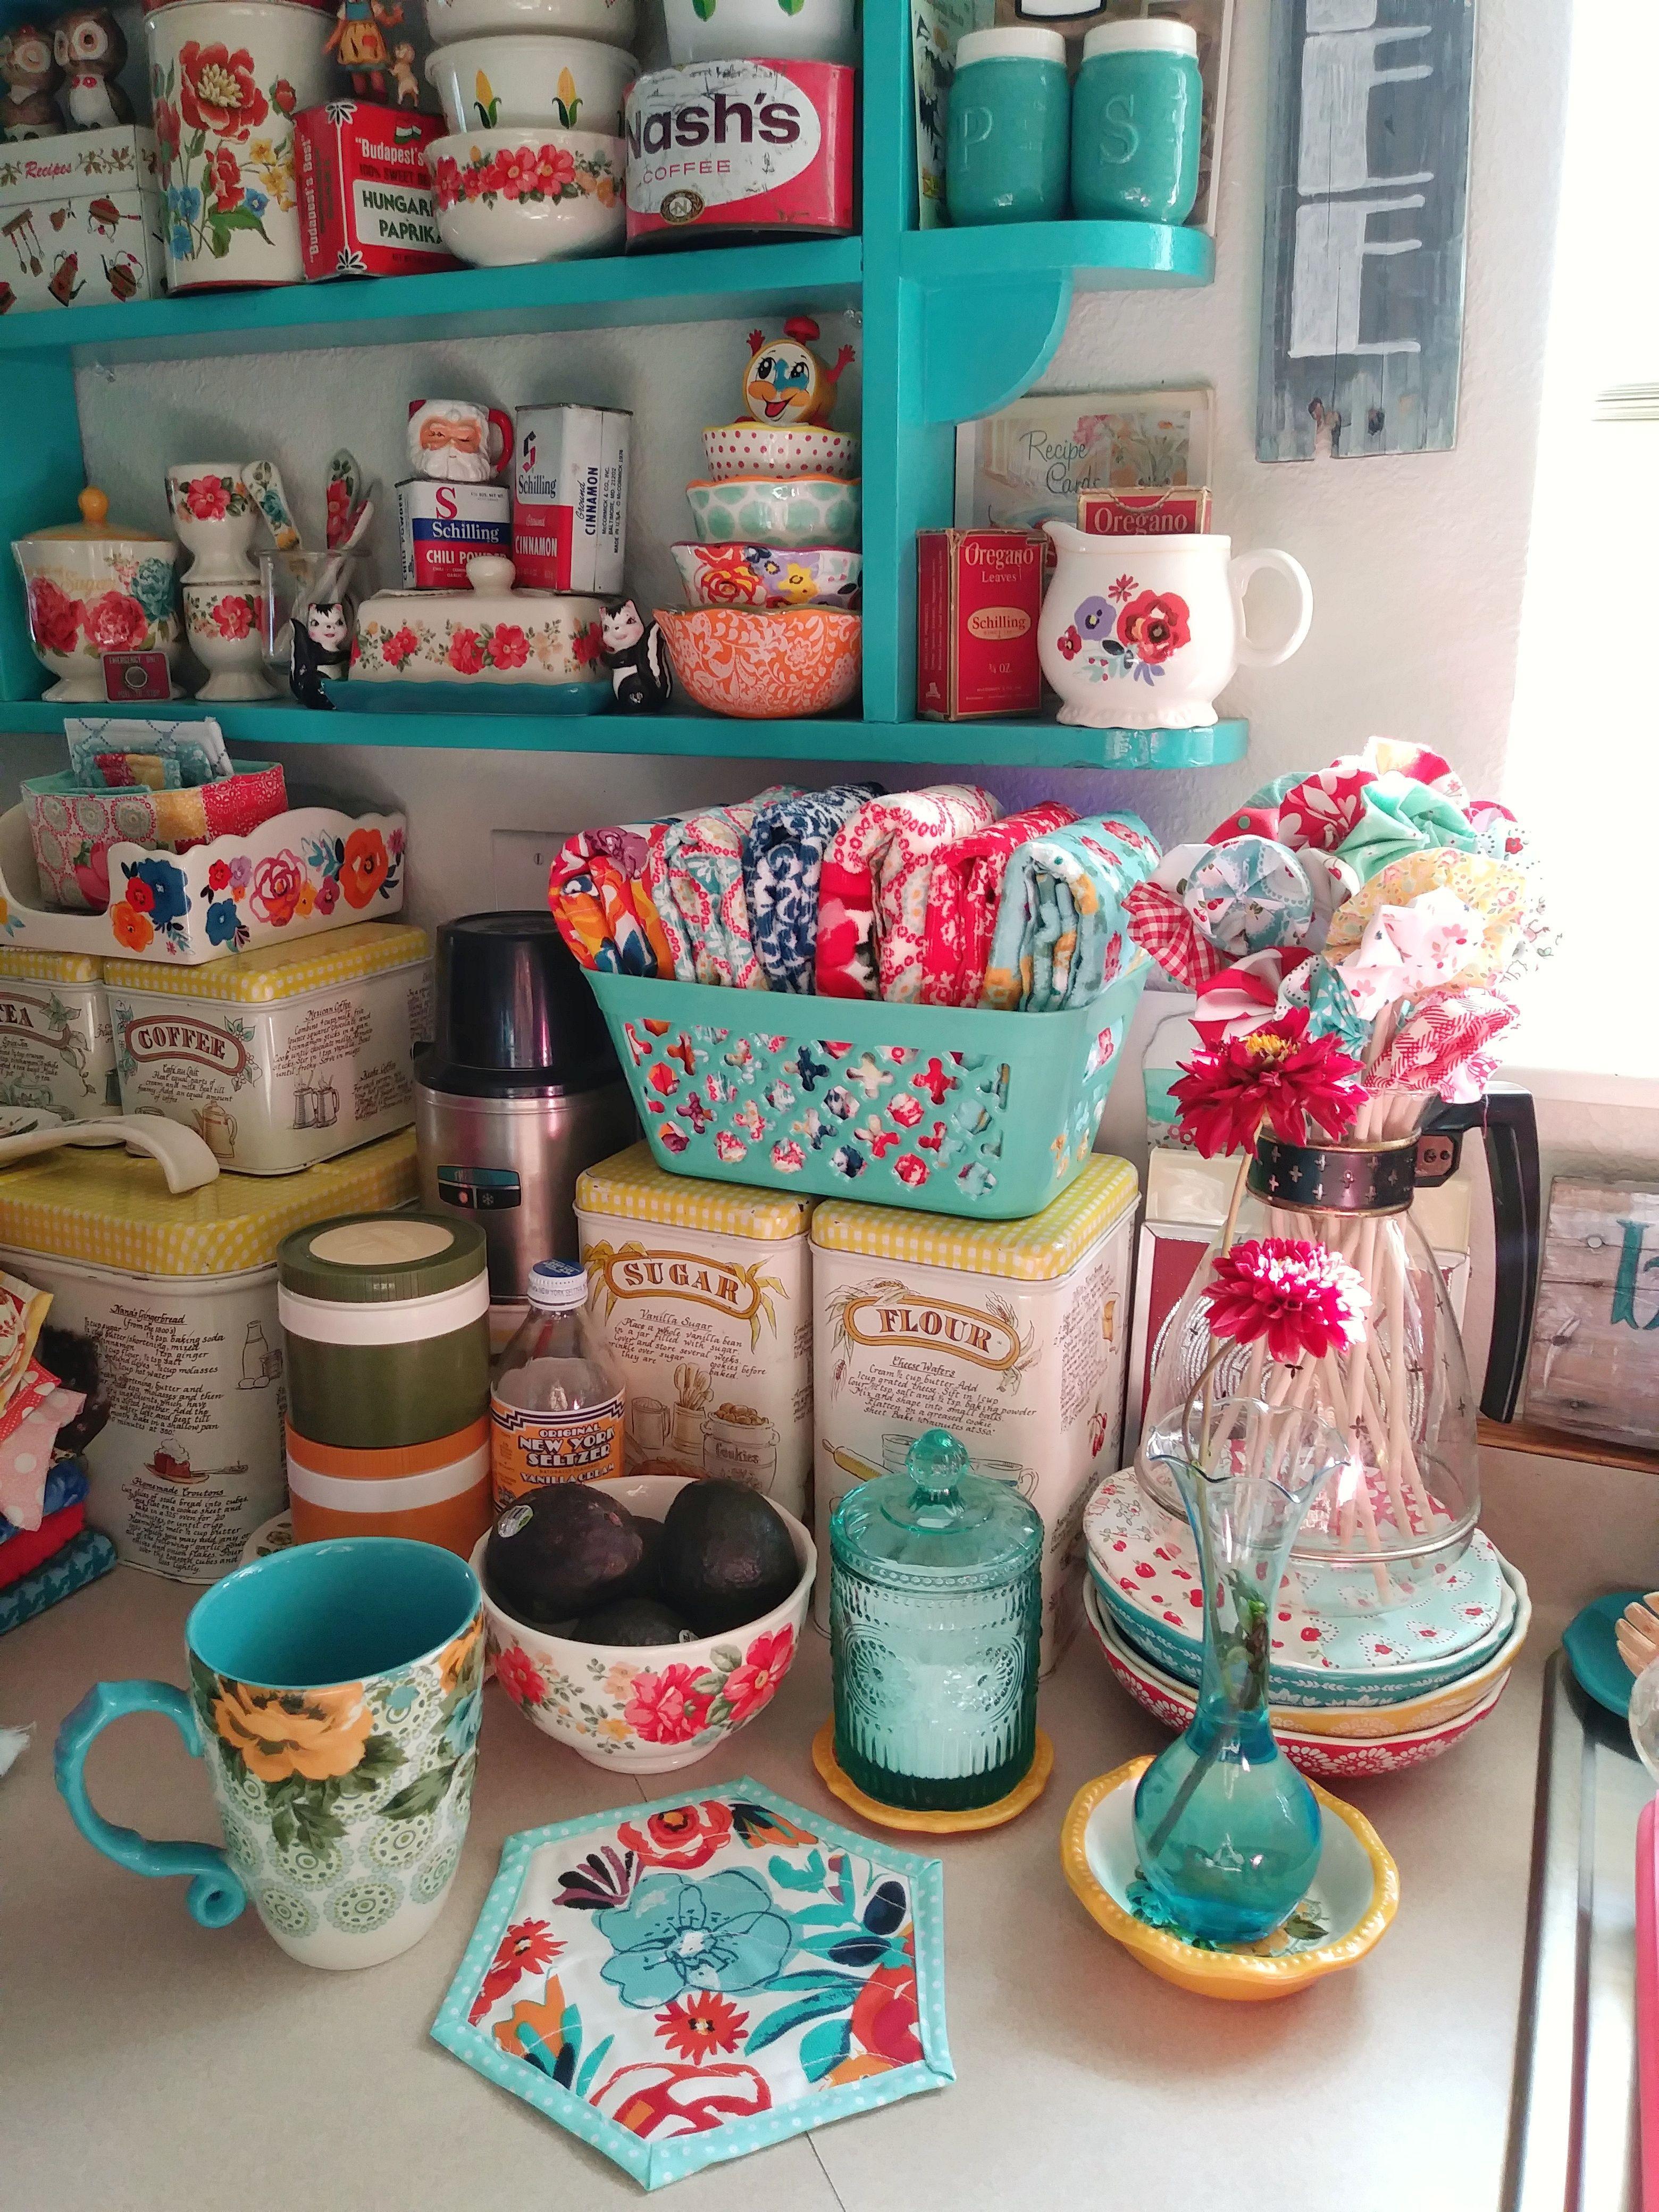 Kitchenideasdecoration Pioneer Woman Kitchen Decor Retro Kitchen Decor Pioneer Woman Kitchen